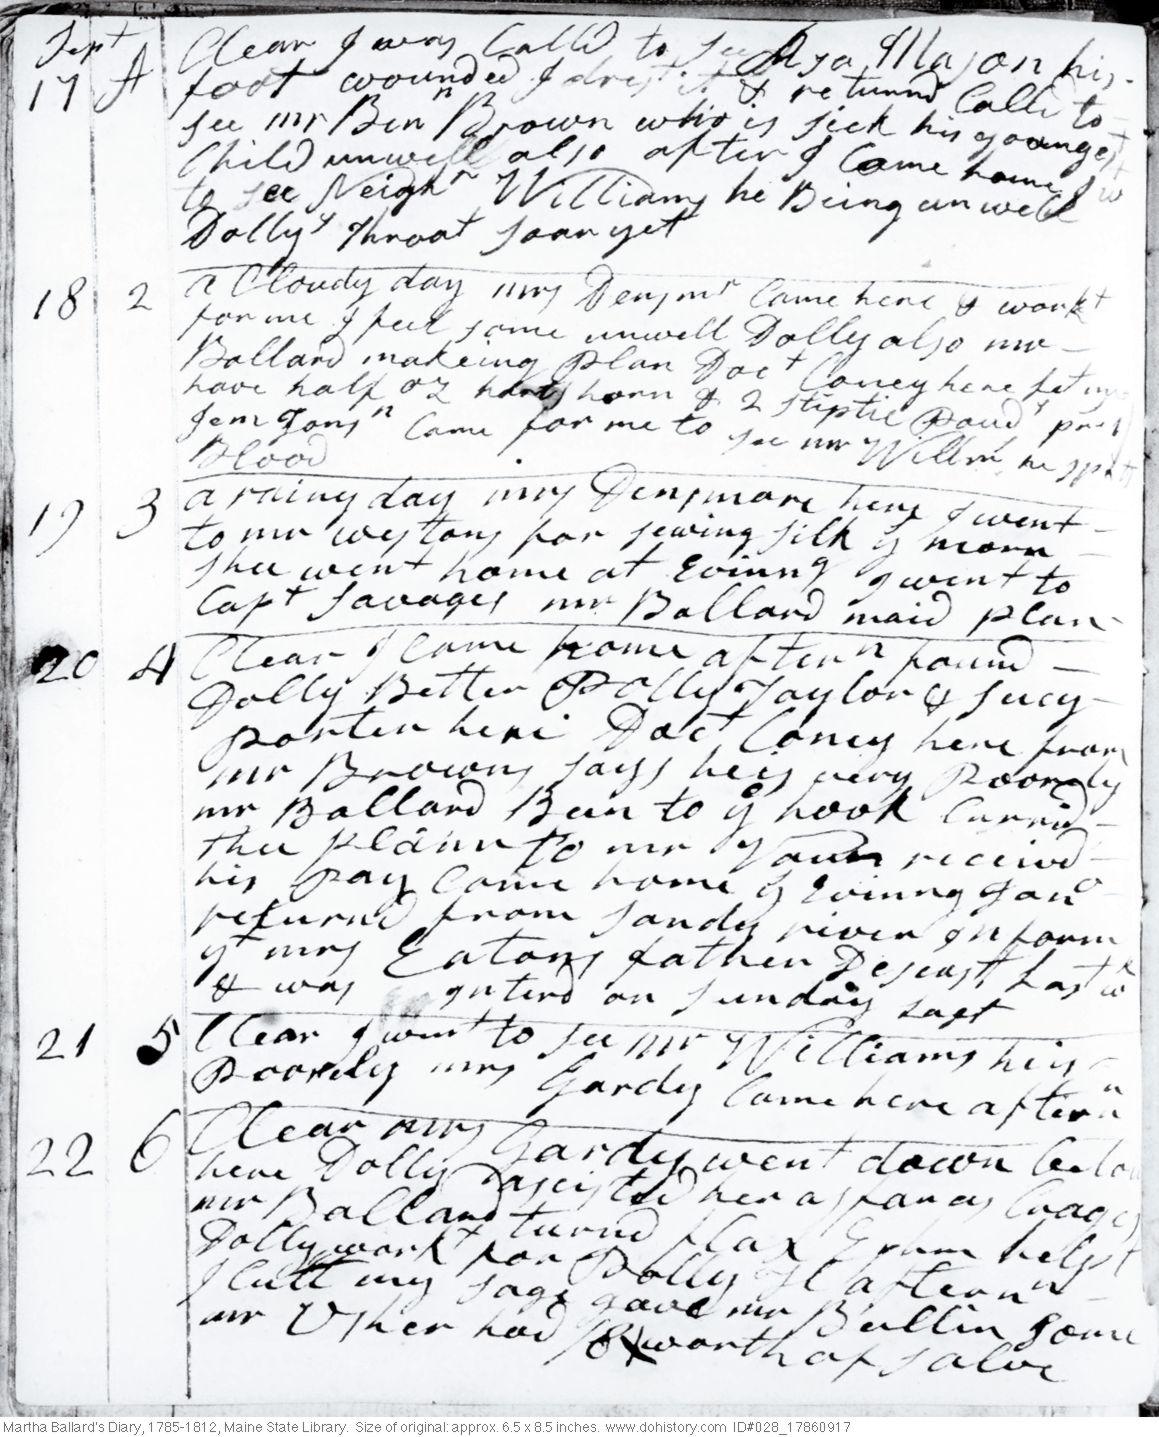 Martha Ballard's Diary, Sep. 17-22, 1786 (I)